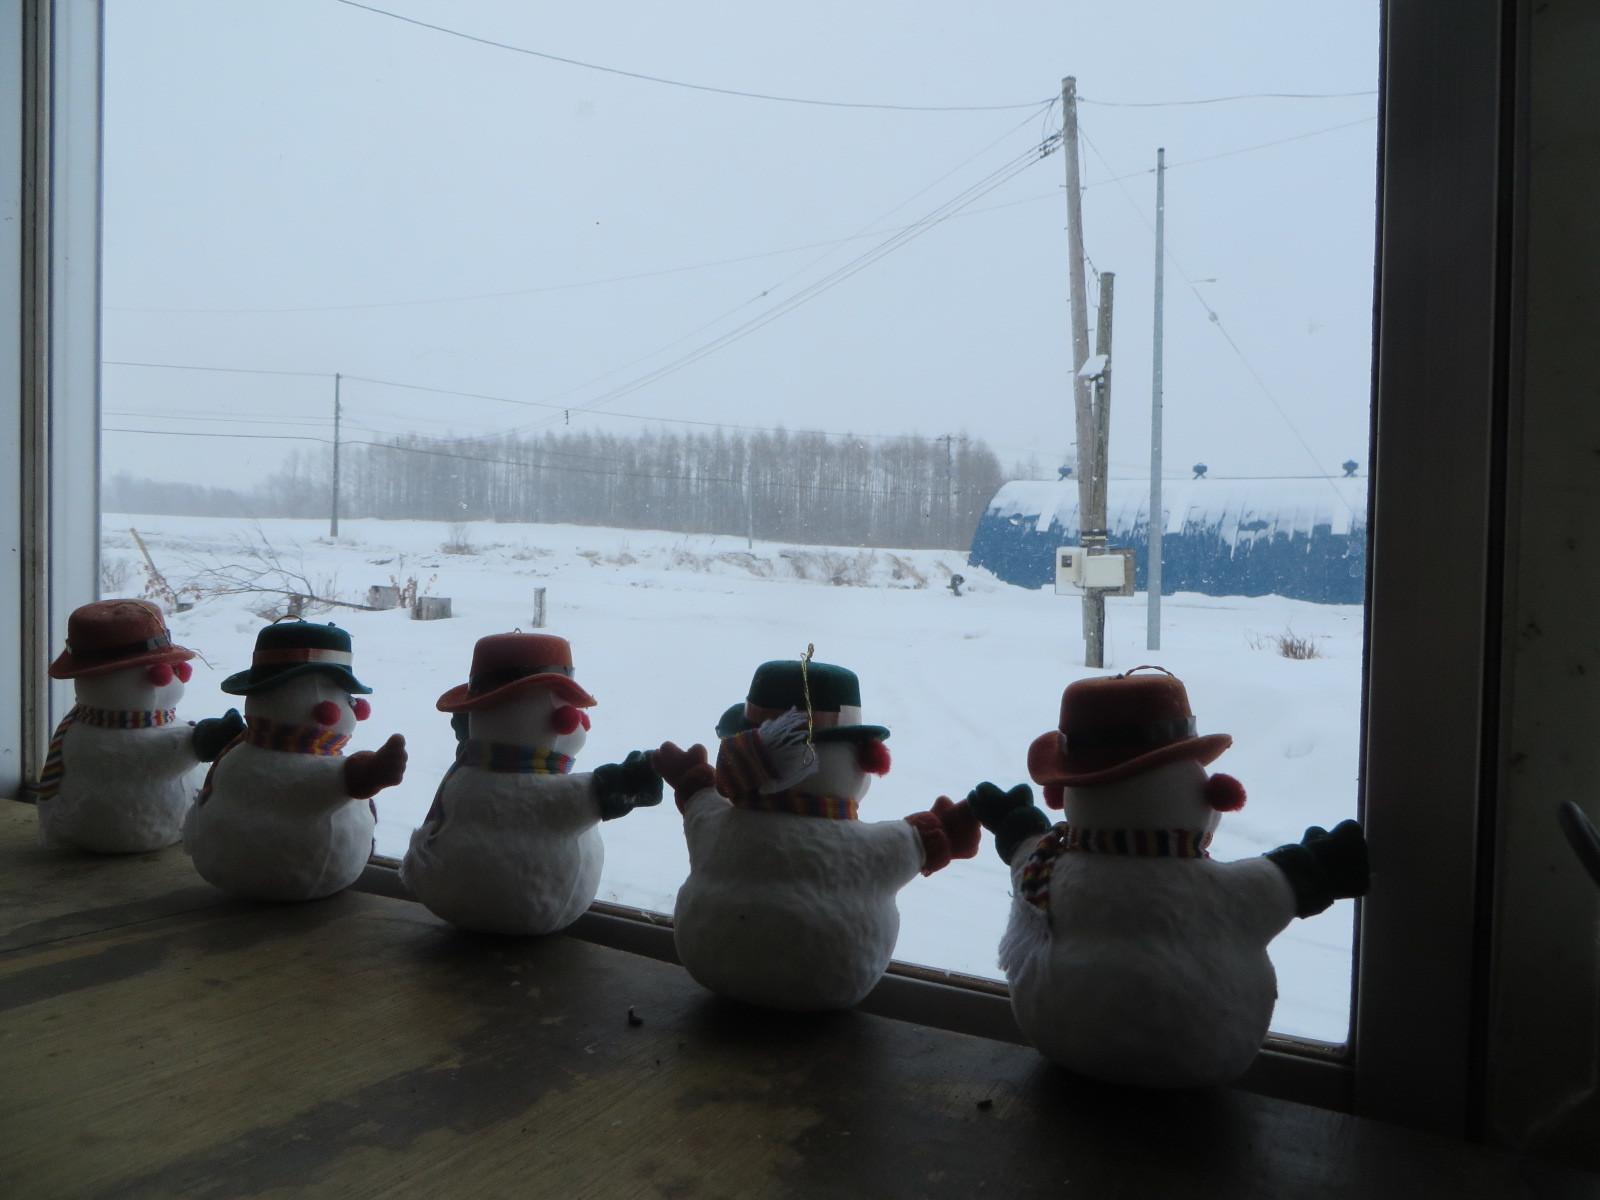 予報通り、明け方から午後まで雪が降った一日_b0405523_11260030.jpg